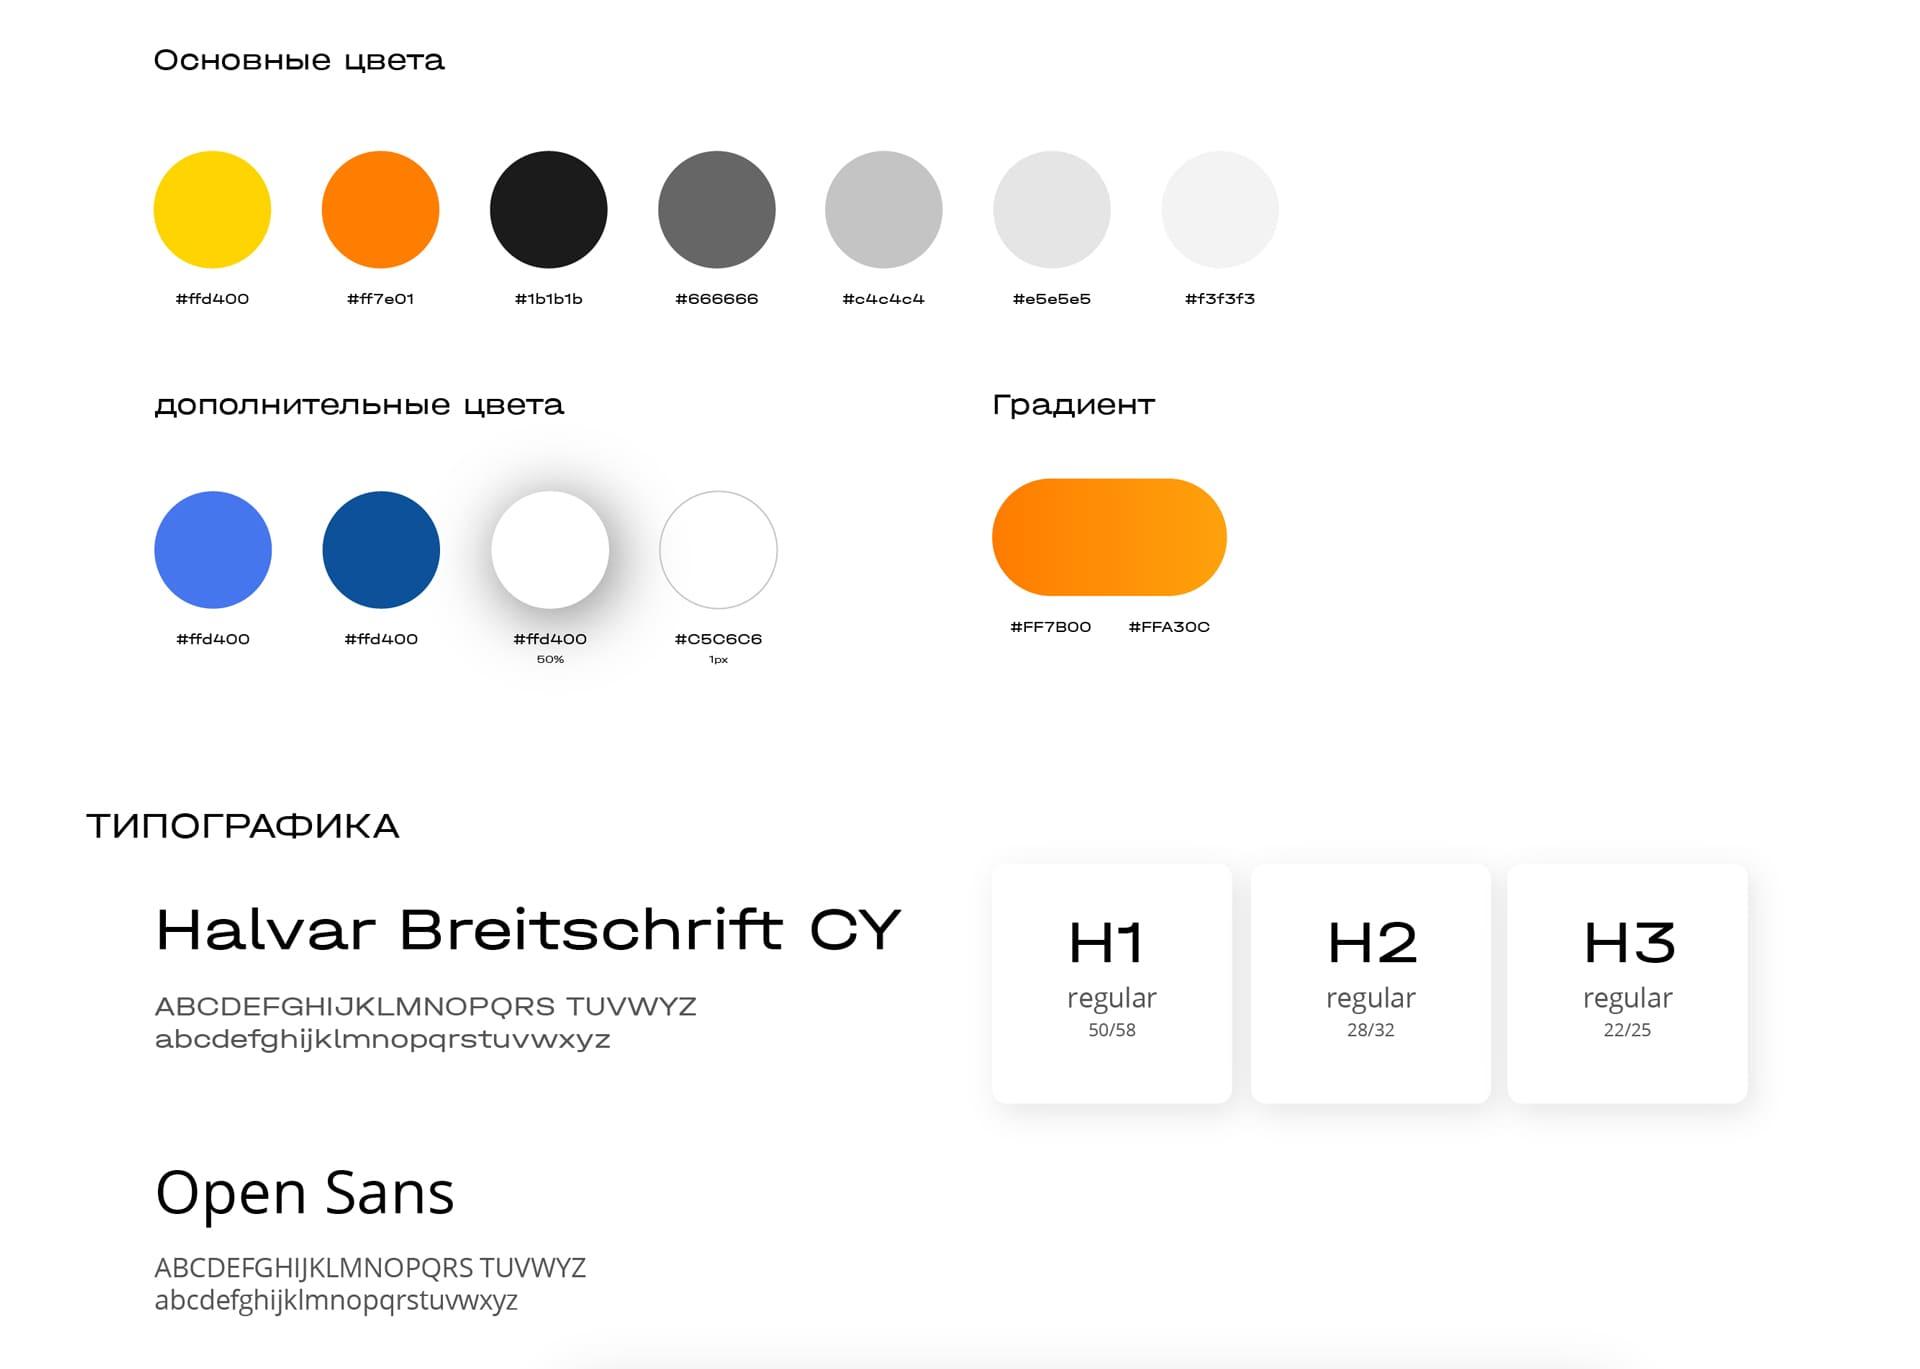 Дизайн сайта по поиску работы фирменный цвет и типографика сайта